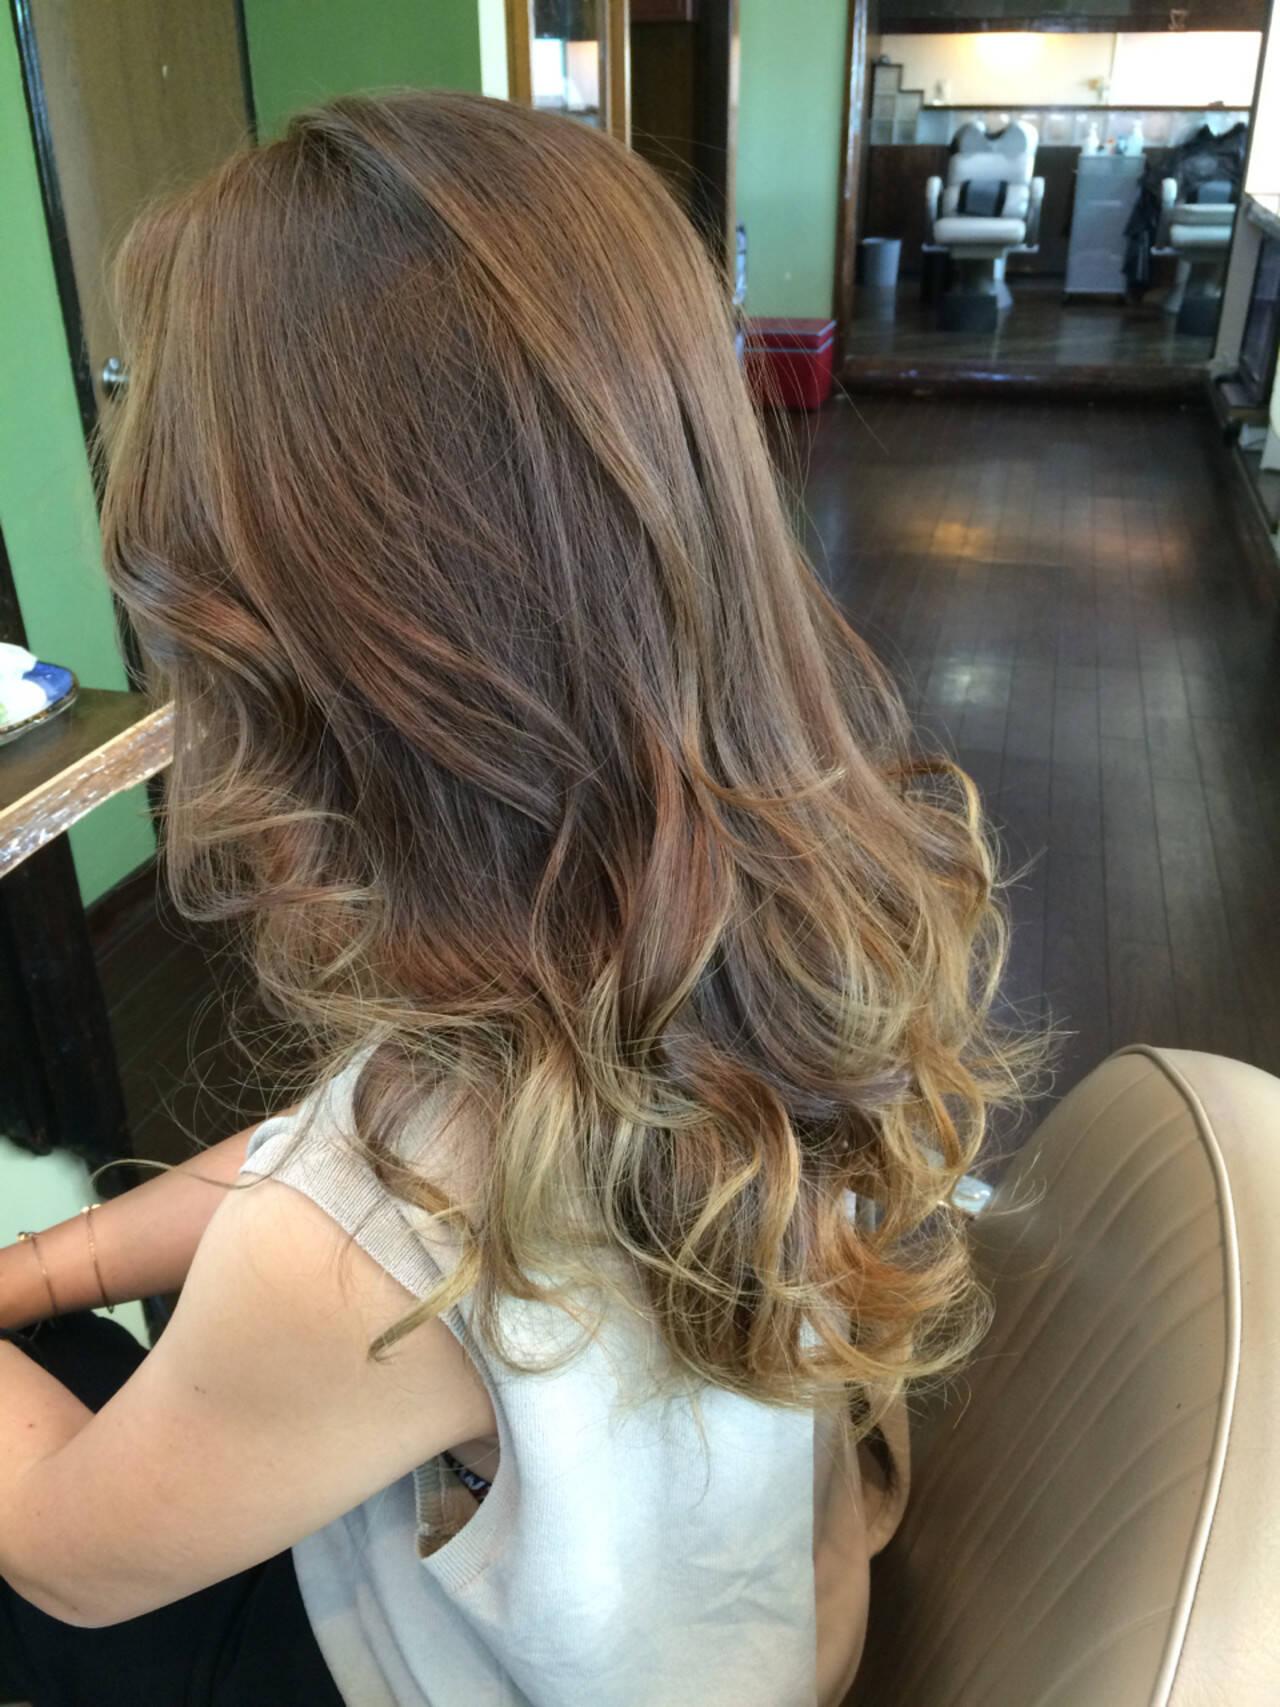 グラデーションカラー ロング 渋谷系 コンサバヘアスタイルや髪型の写真・画像